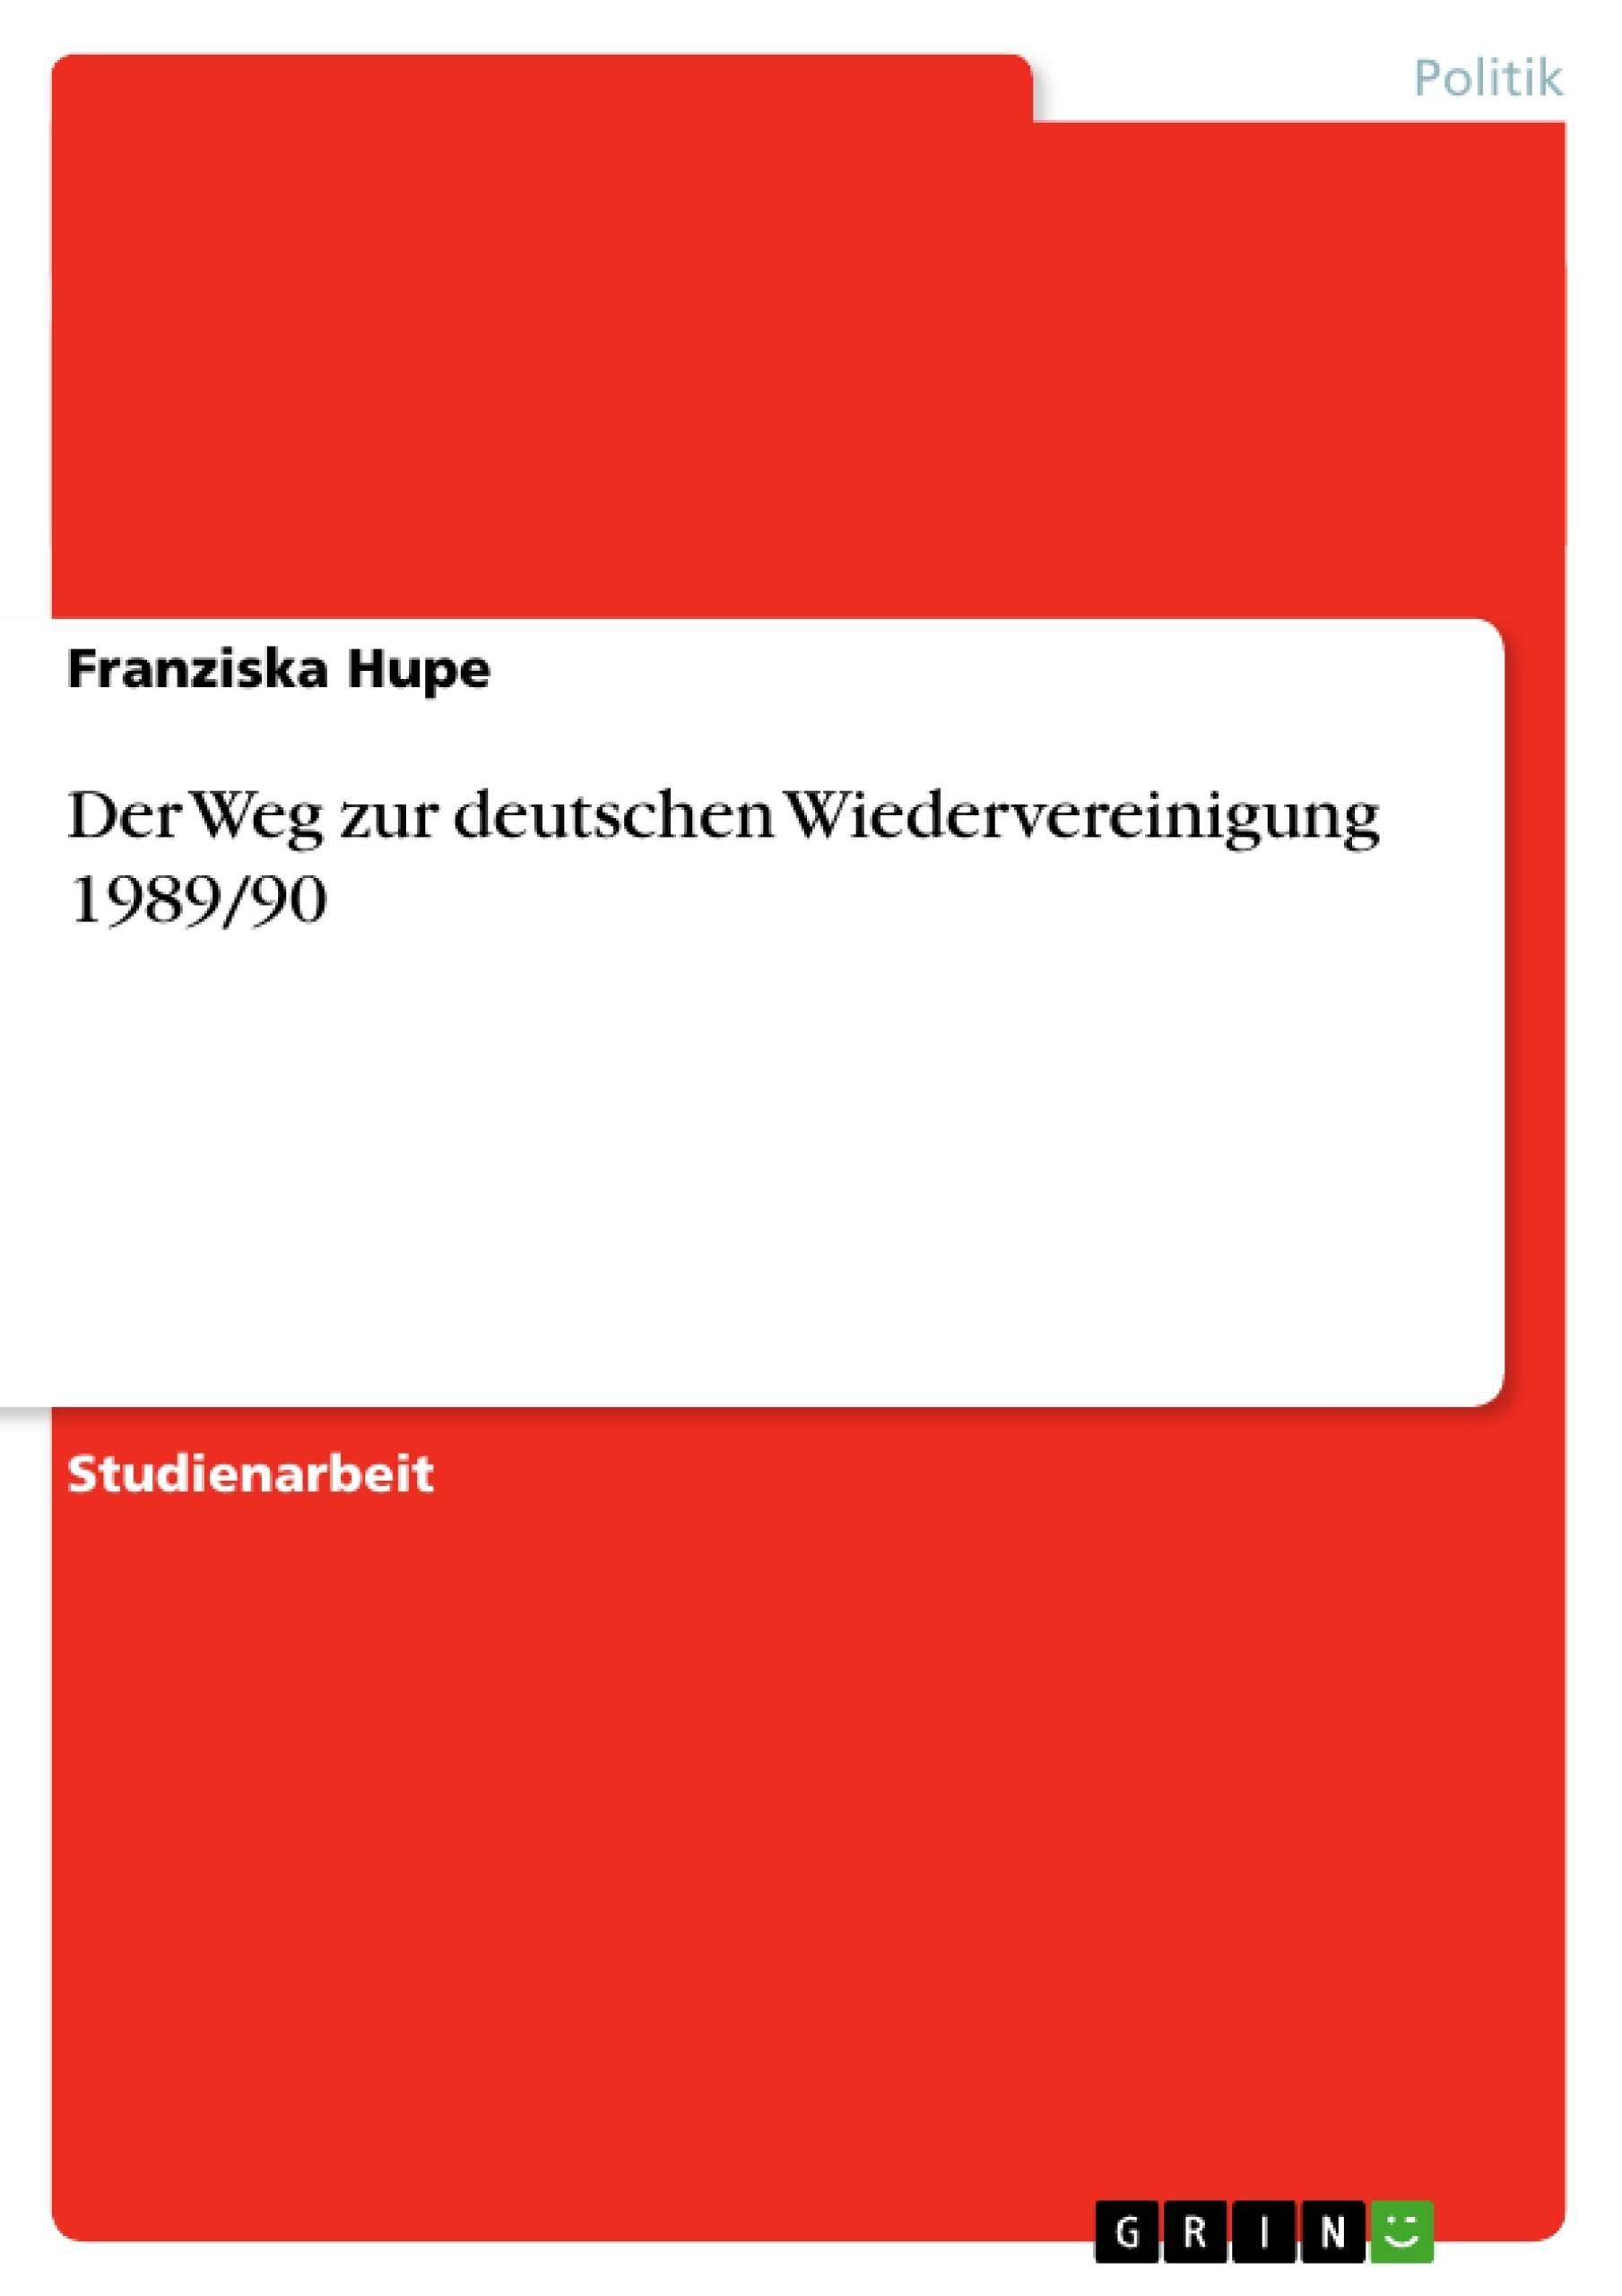 Titel: Der Weg zur deutschen Wiedervereinigung 1989/90